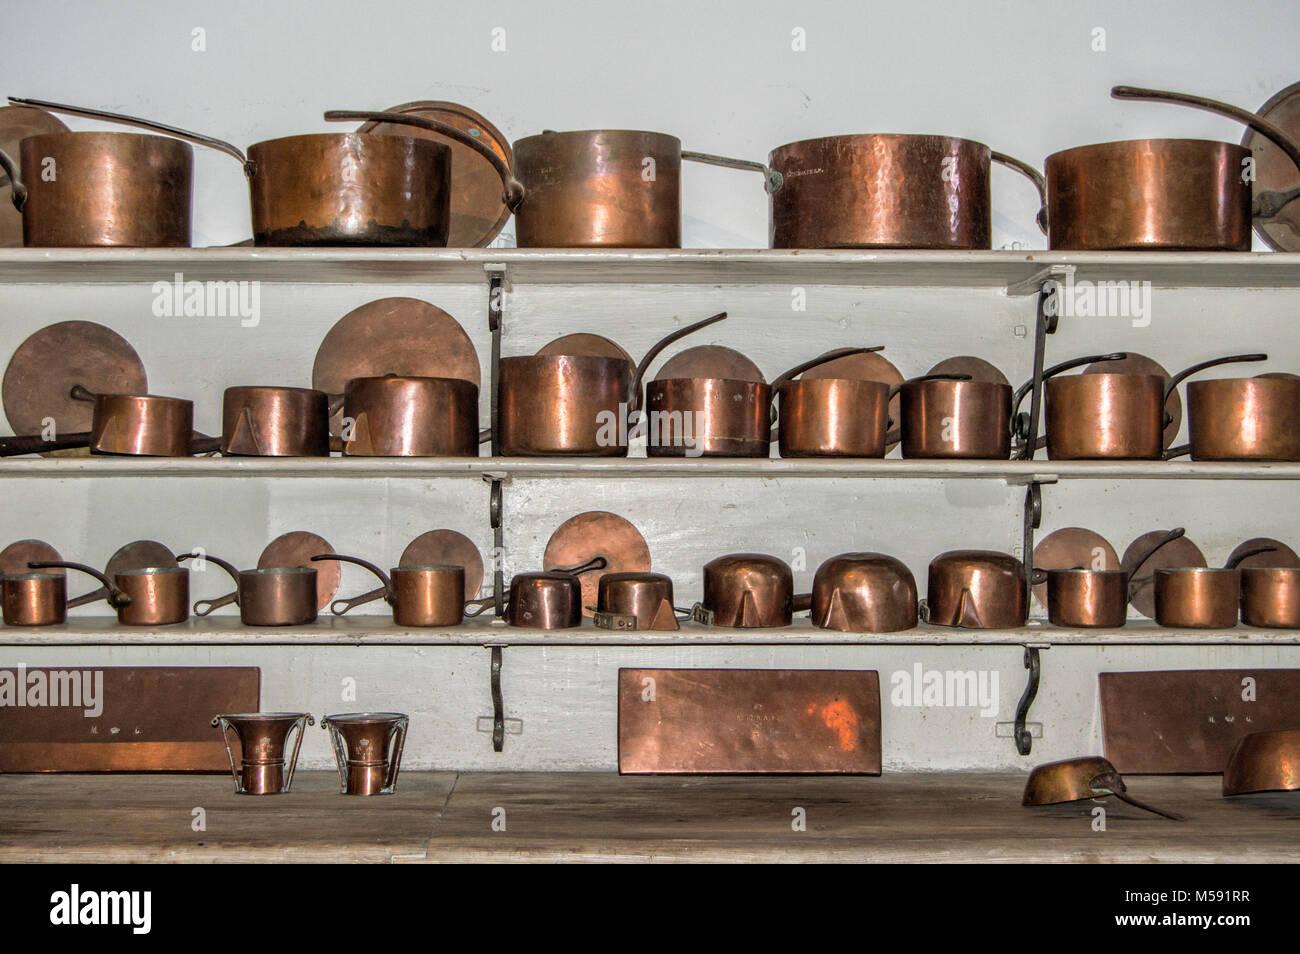 Alte Küchengeräte in Kupfer, verteilt auf drei Regale in der Küche ...